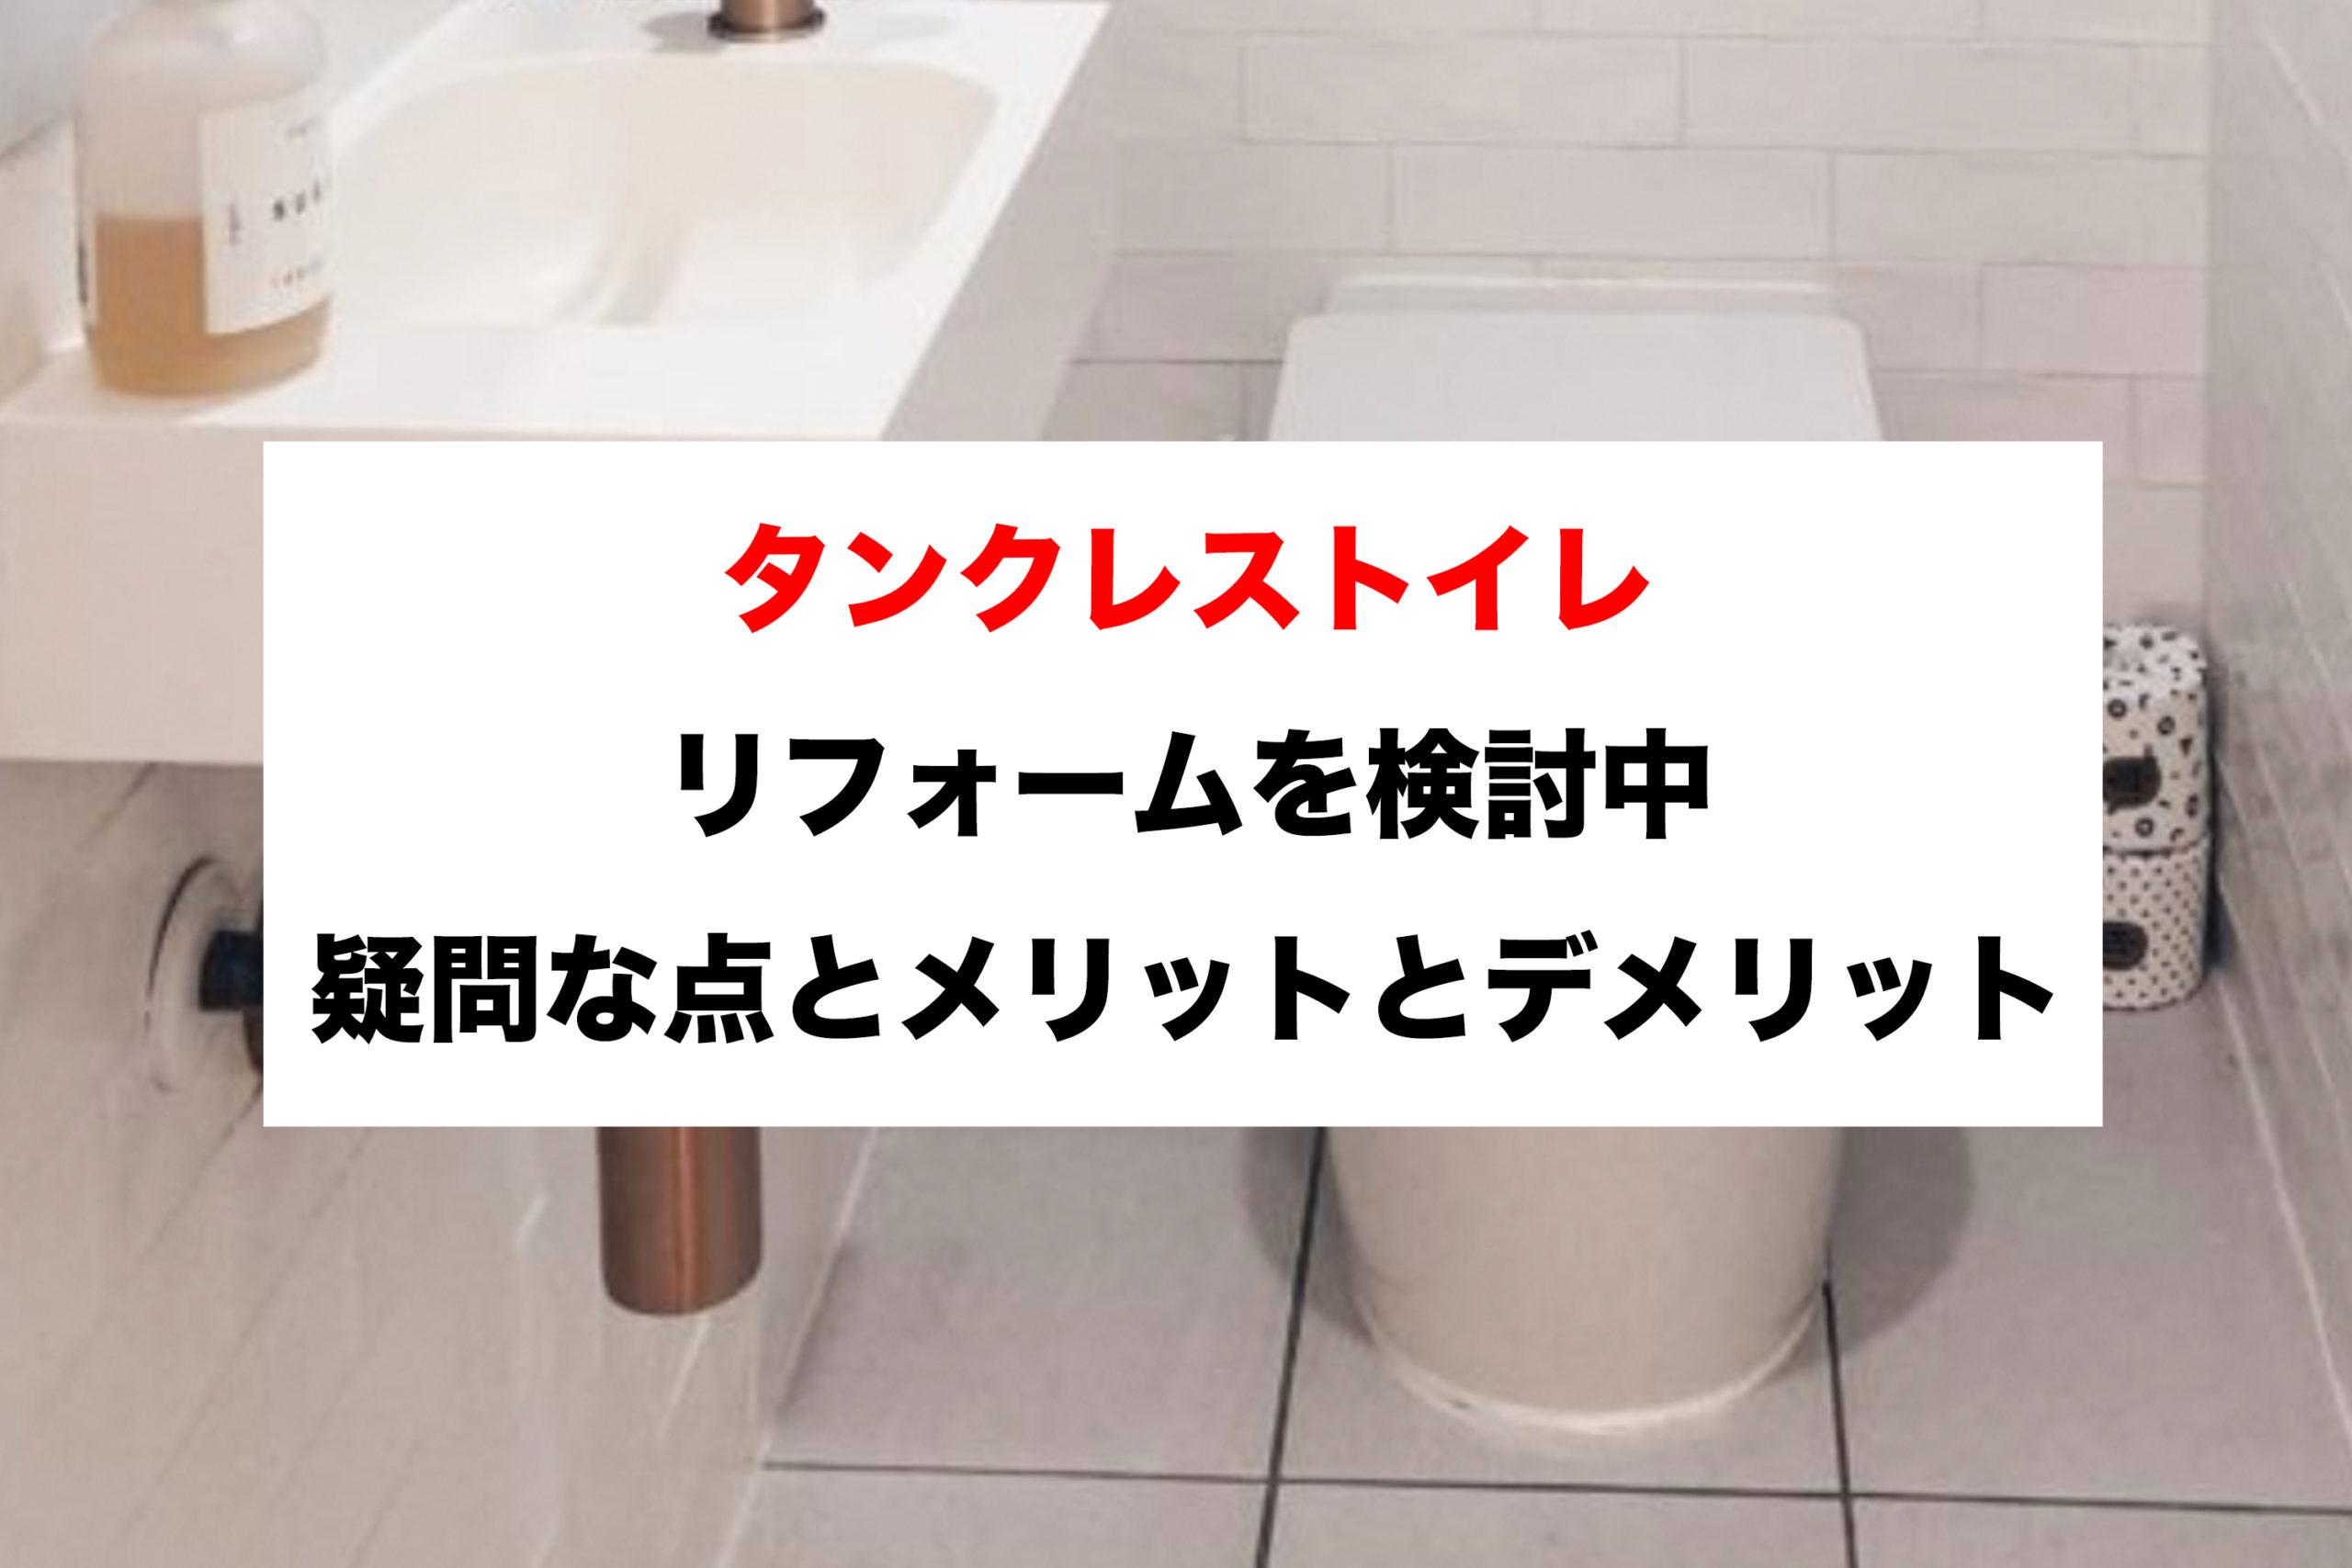 タンクレストイレにリフォームを検討中。疑問な点とメリットとデメリット